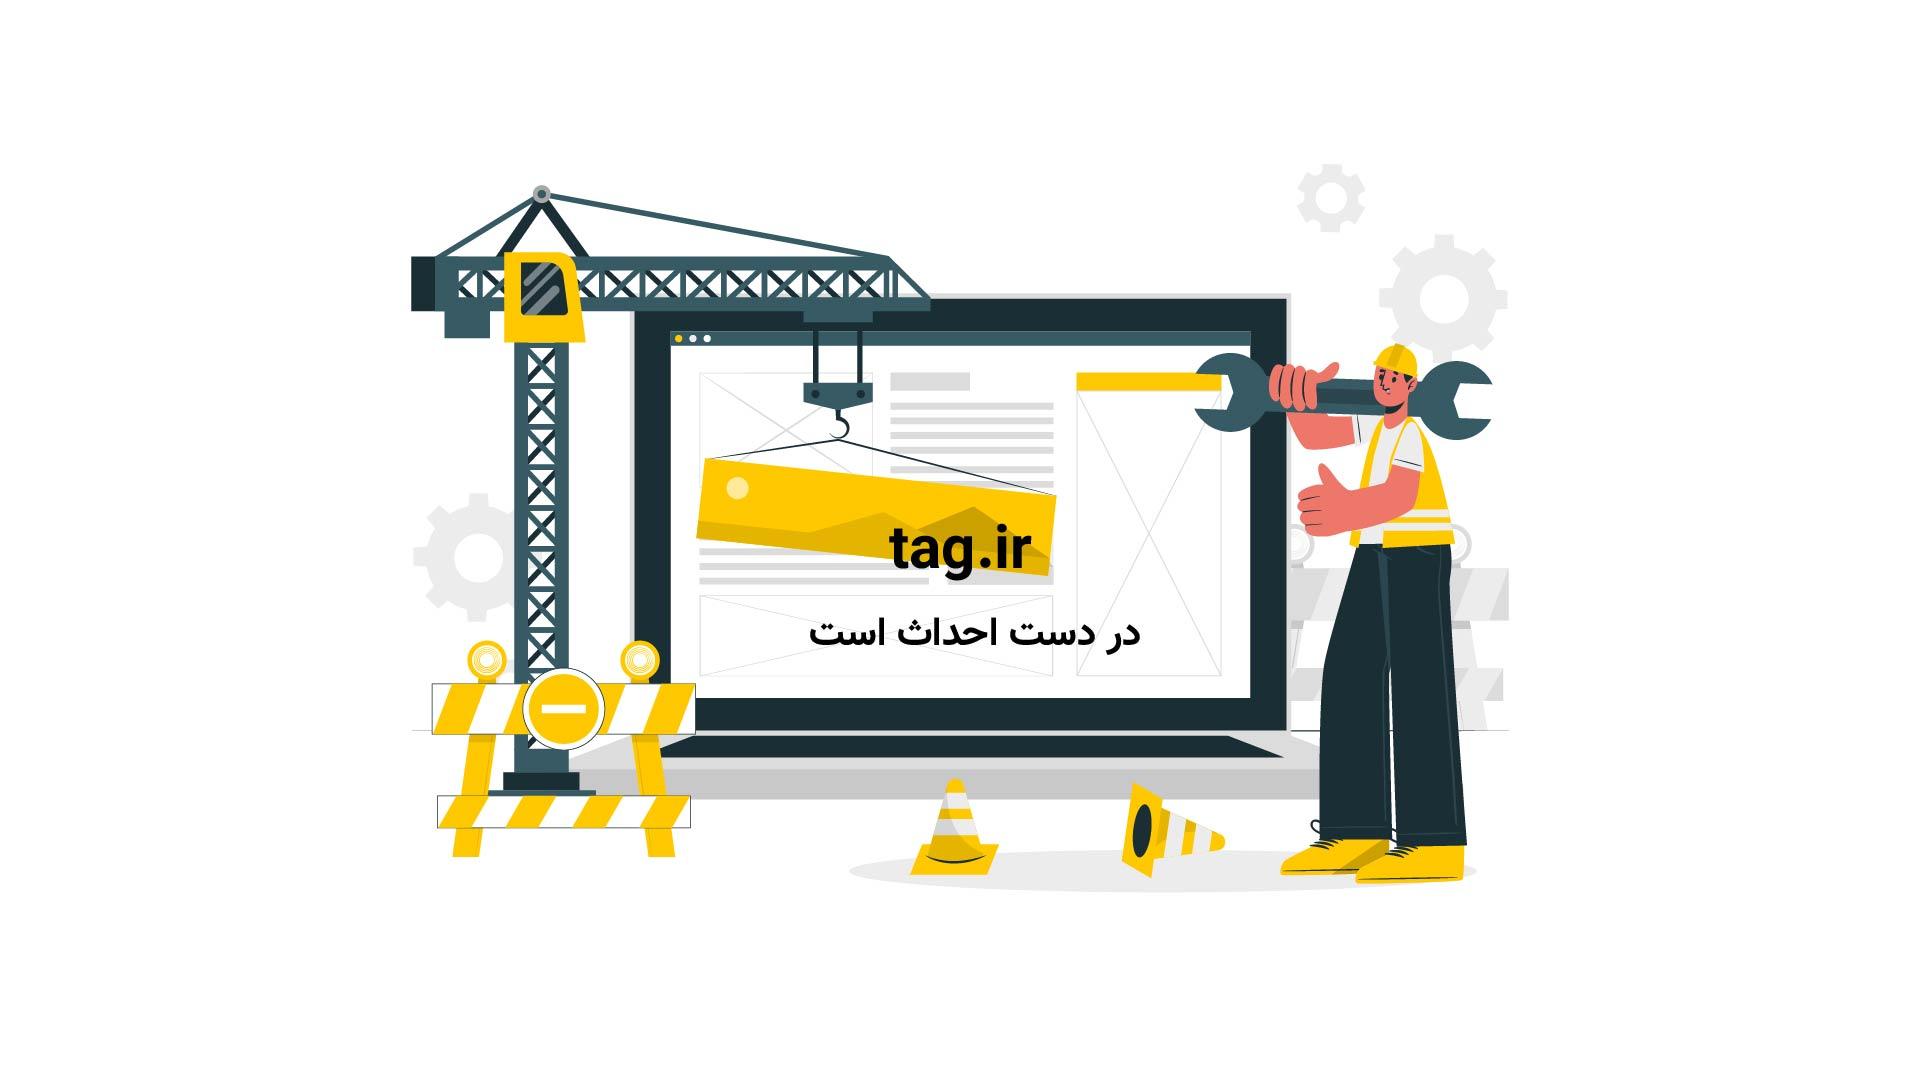 سخنرانی های تد؛ زیباییِ آنچه هرگز نخواهیم دانست |فیلم